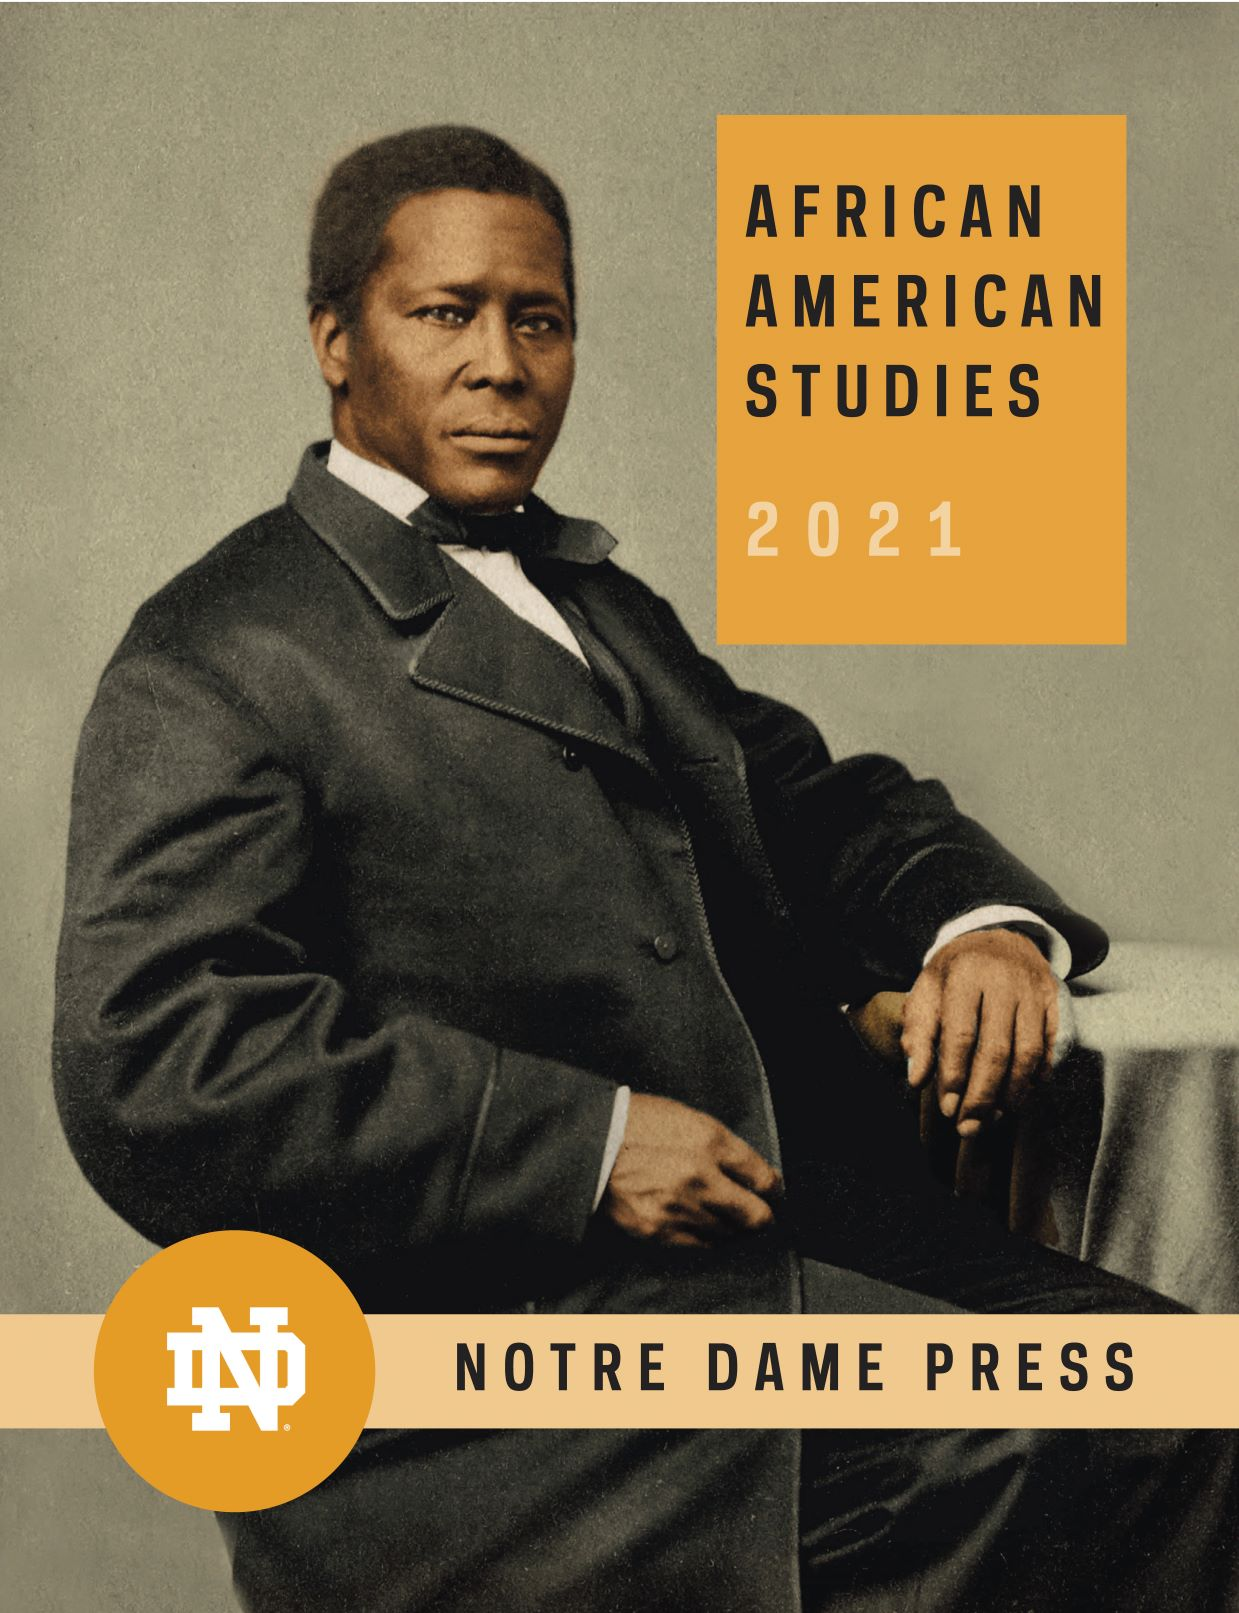 African American Studies 2021